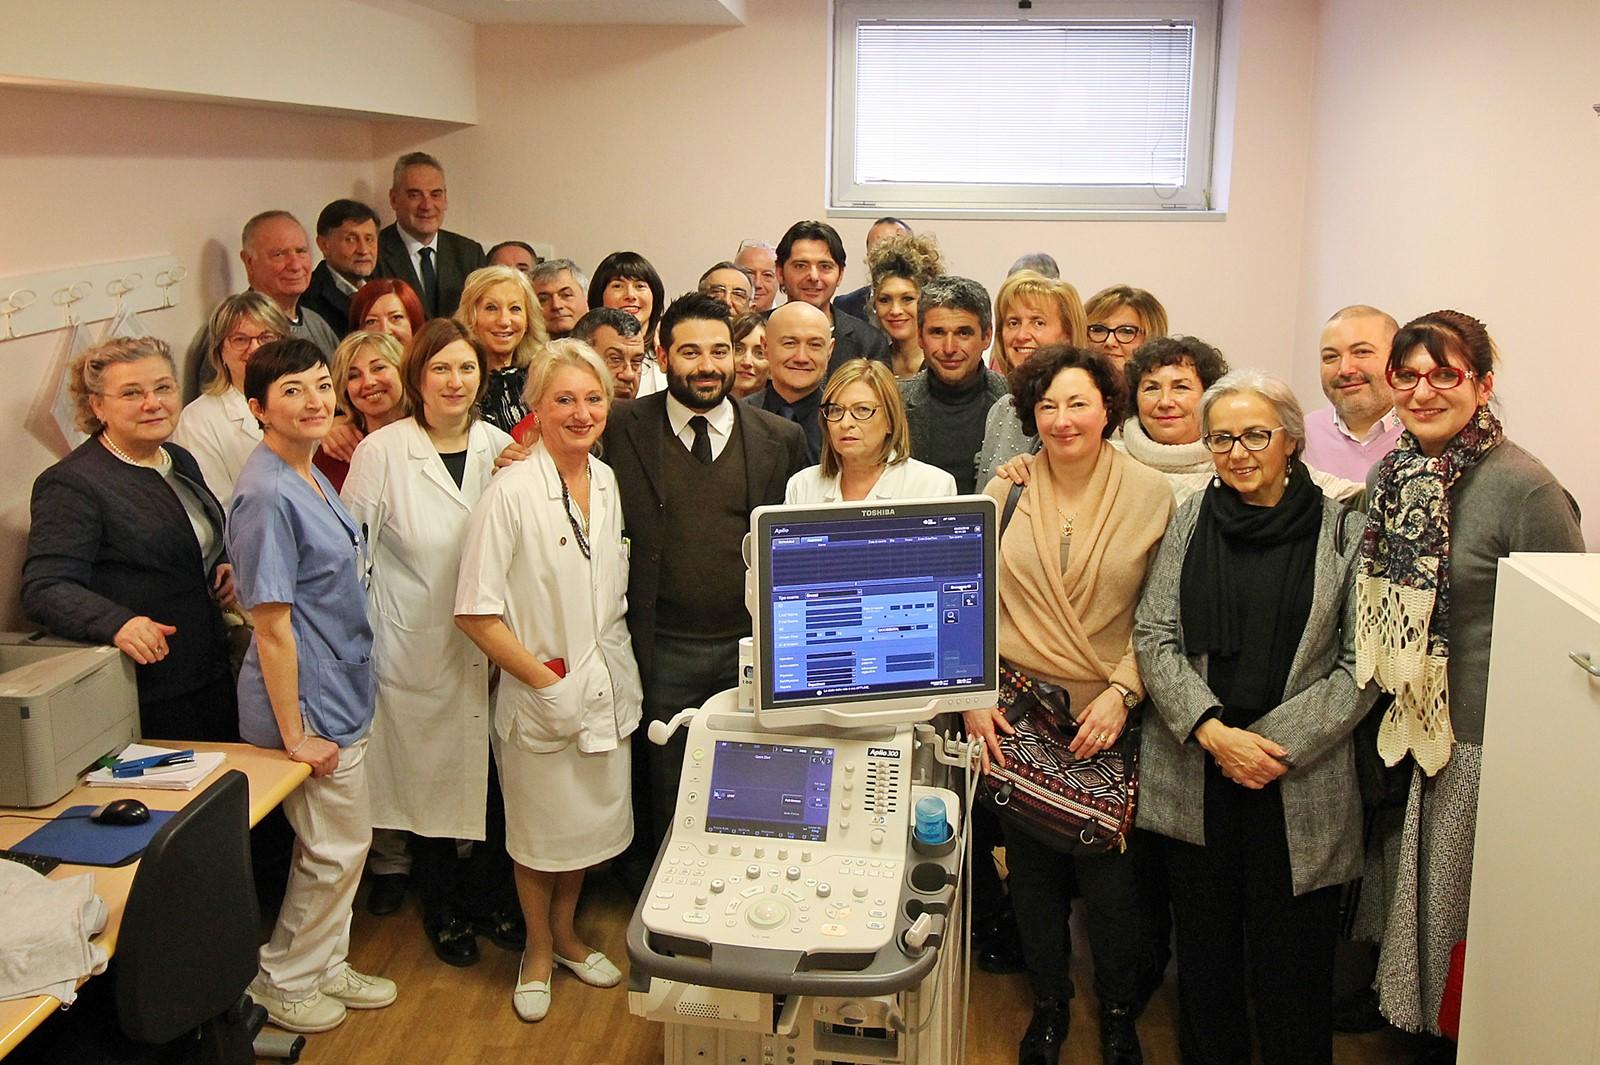 L'inaugurazione del nuovo ecografo a cui hanno partecipato per Icel il Presidente Andrea Babini ed il Vice Presidente Lorenzo Ponseggi